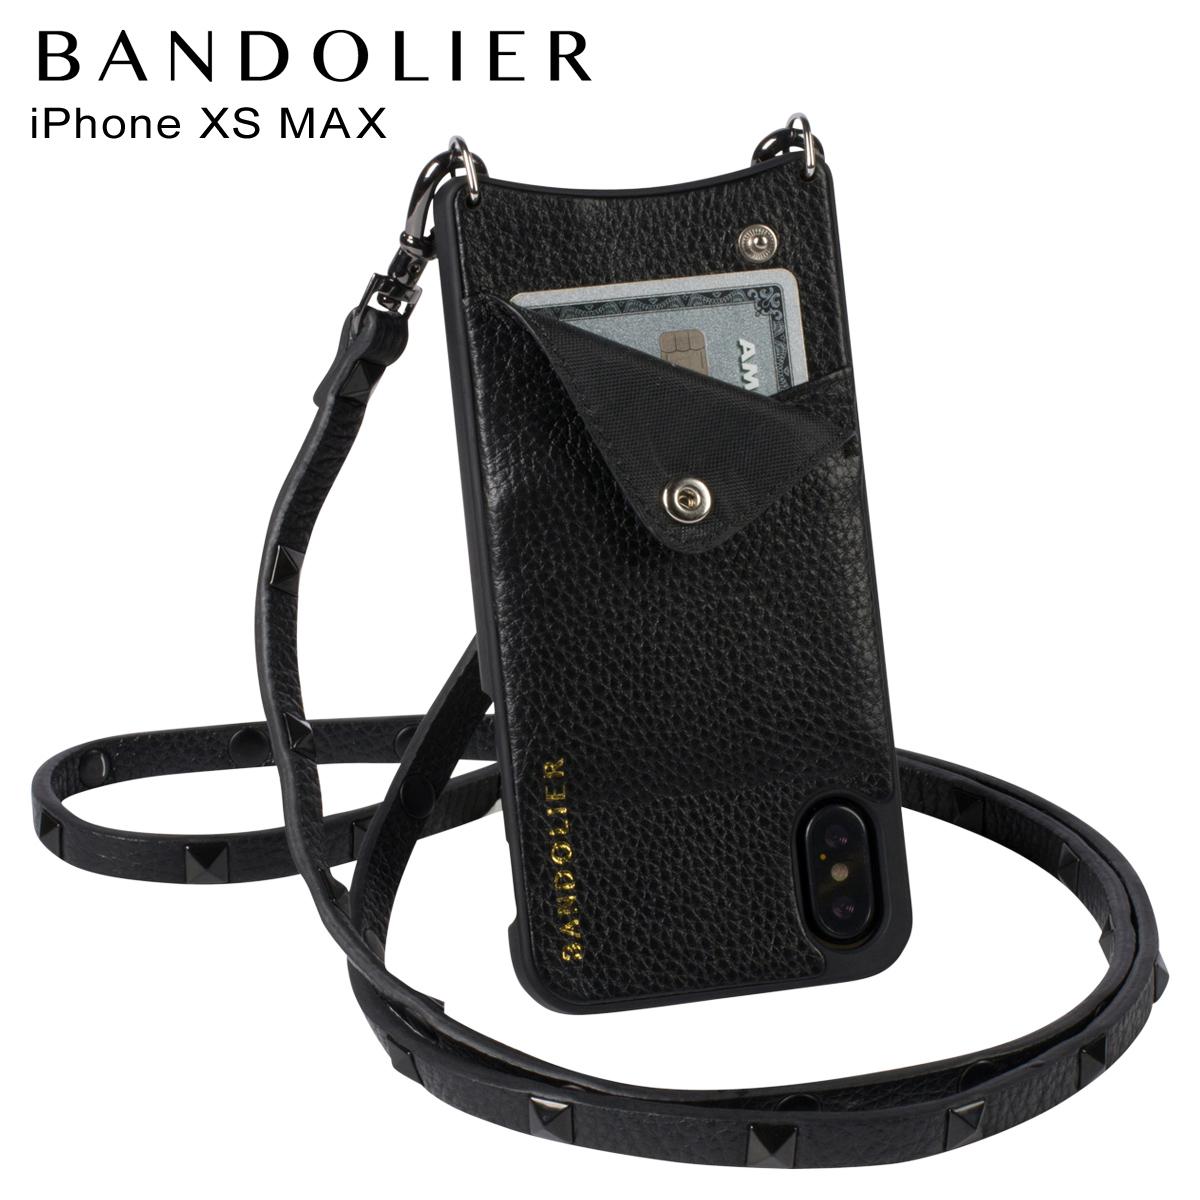 BANDOLIER バンドリヤー iPhone XS MAX ケース スマホ 携帯 ショルダー アイフォン レザー SARAH BLACK メンズ レディース ブラック 10SA